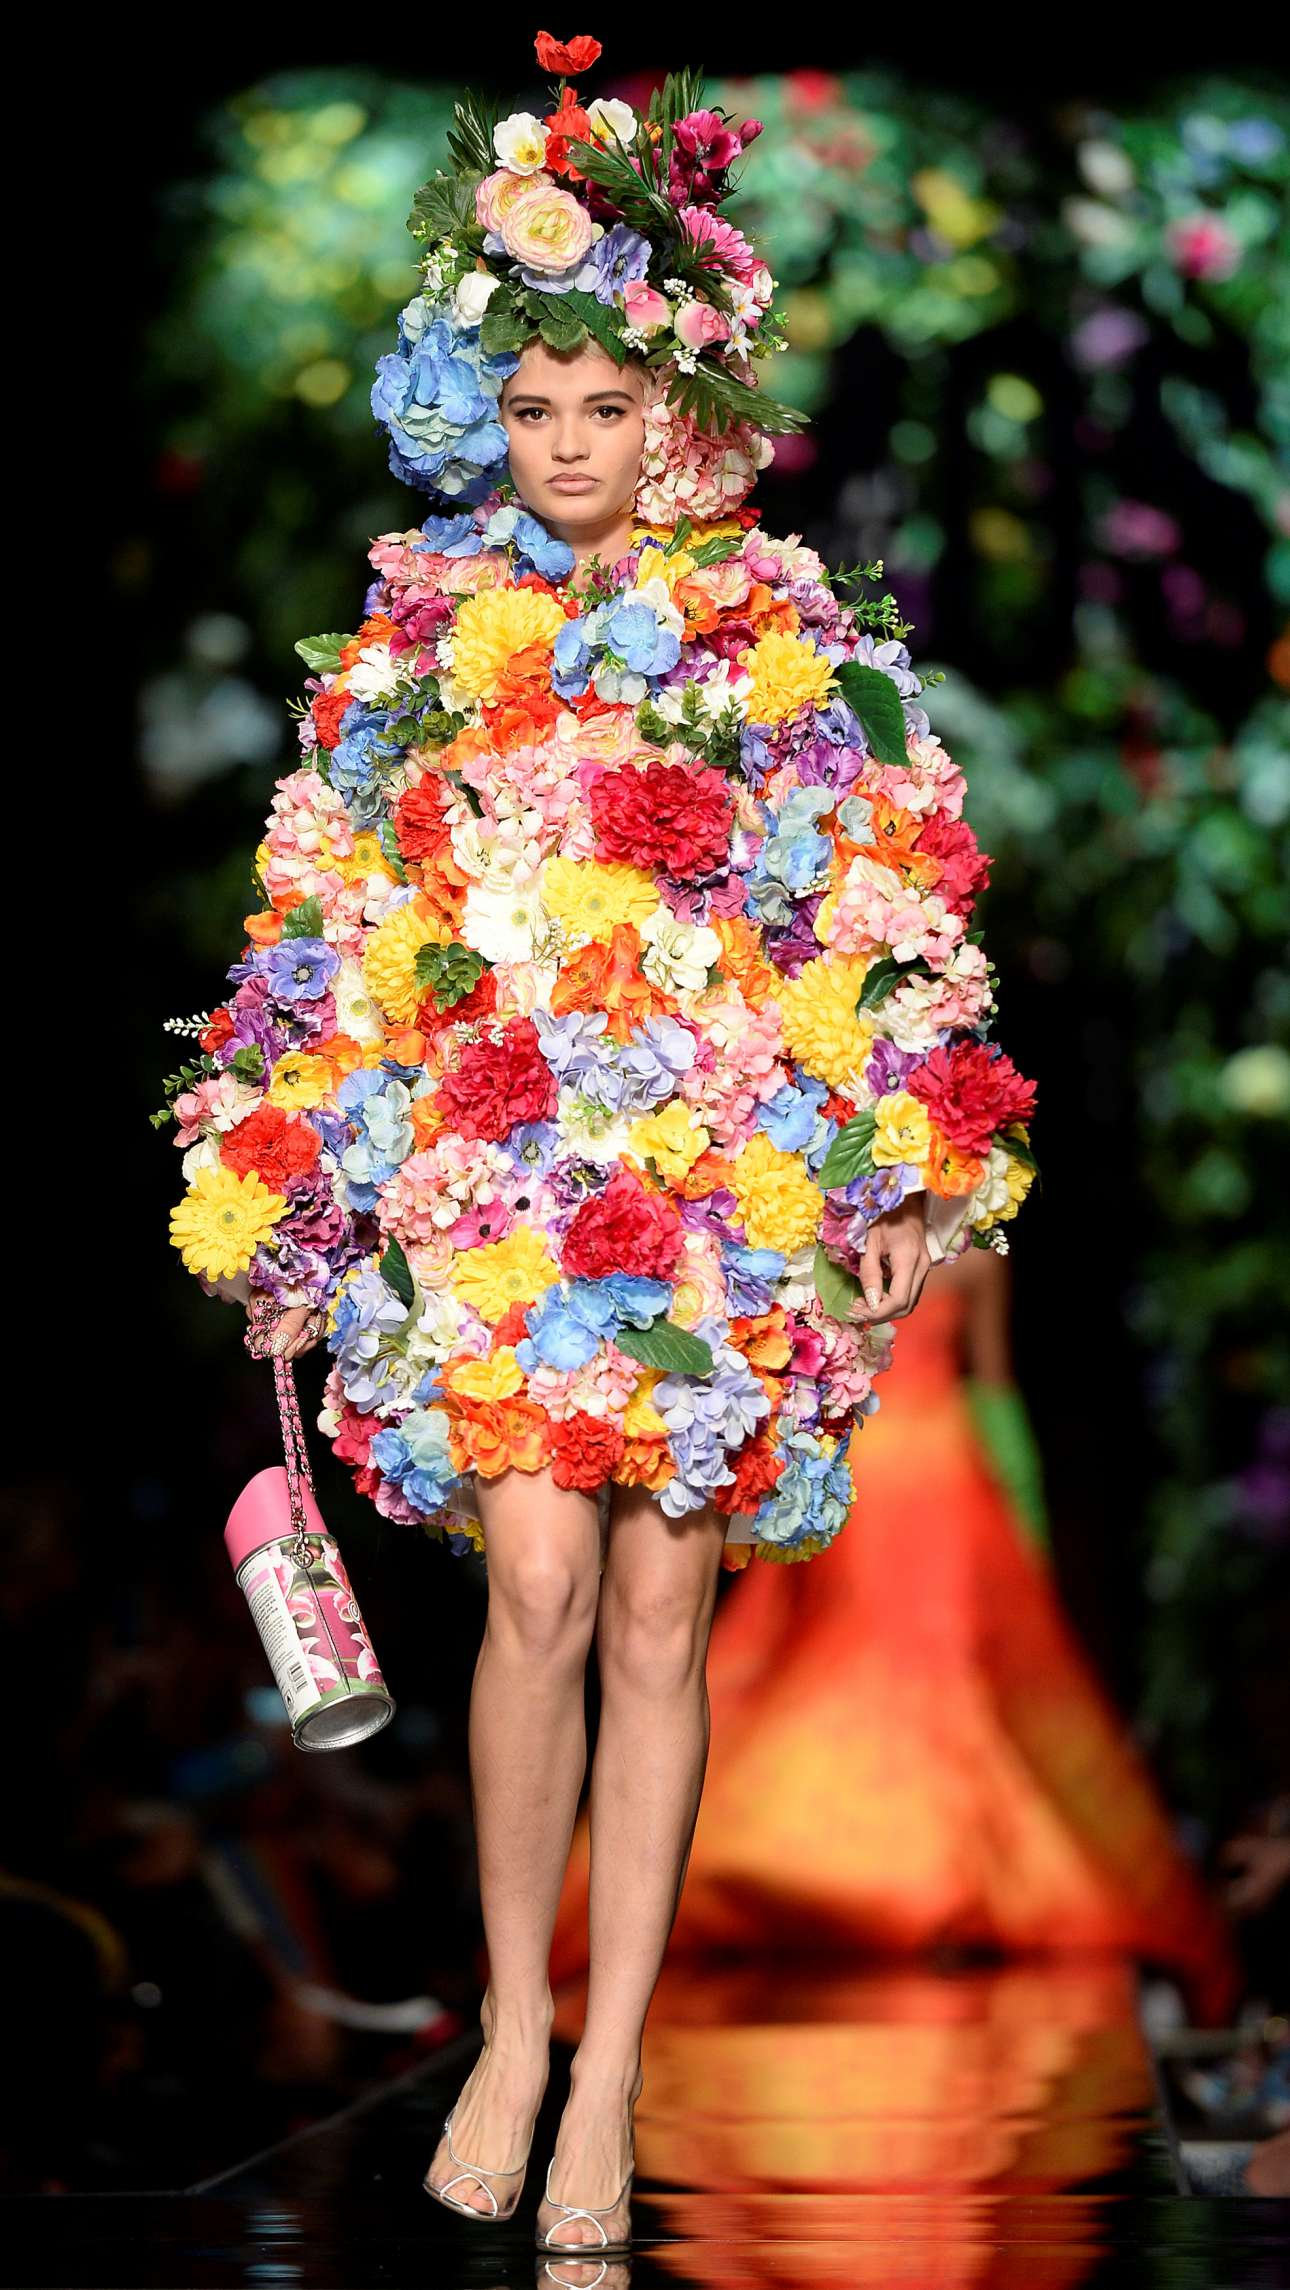 Αν είναι Άνοιξη, ντύσου μπουκέτο… Ο οίκος Moschino συγκέντρωσε τα βλέμματα των θαυμαστών της μόδας με αναπάντεχα σύνολα